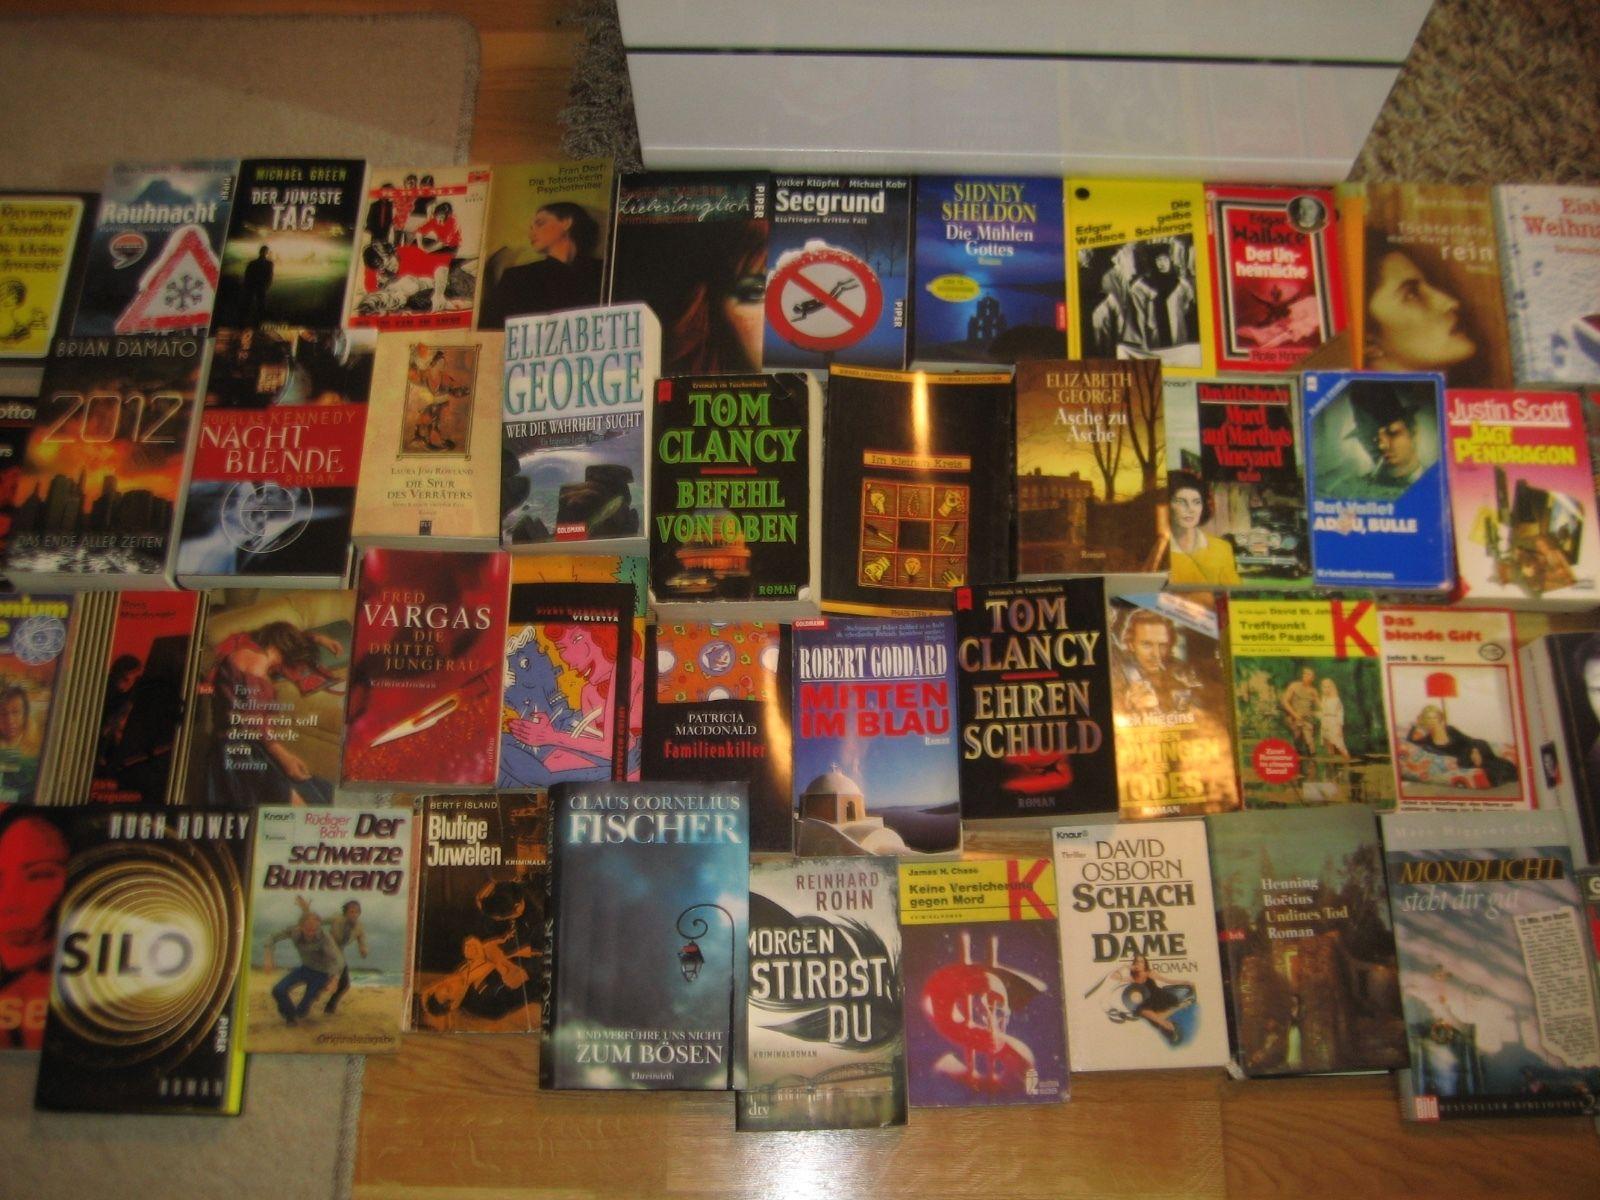 Büchersammlung 51 Stk. Romane Buchpaket Spannung nur Thriller Krimi Konvolut